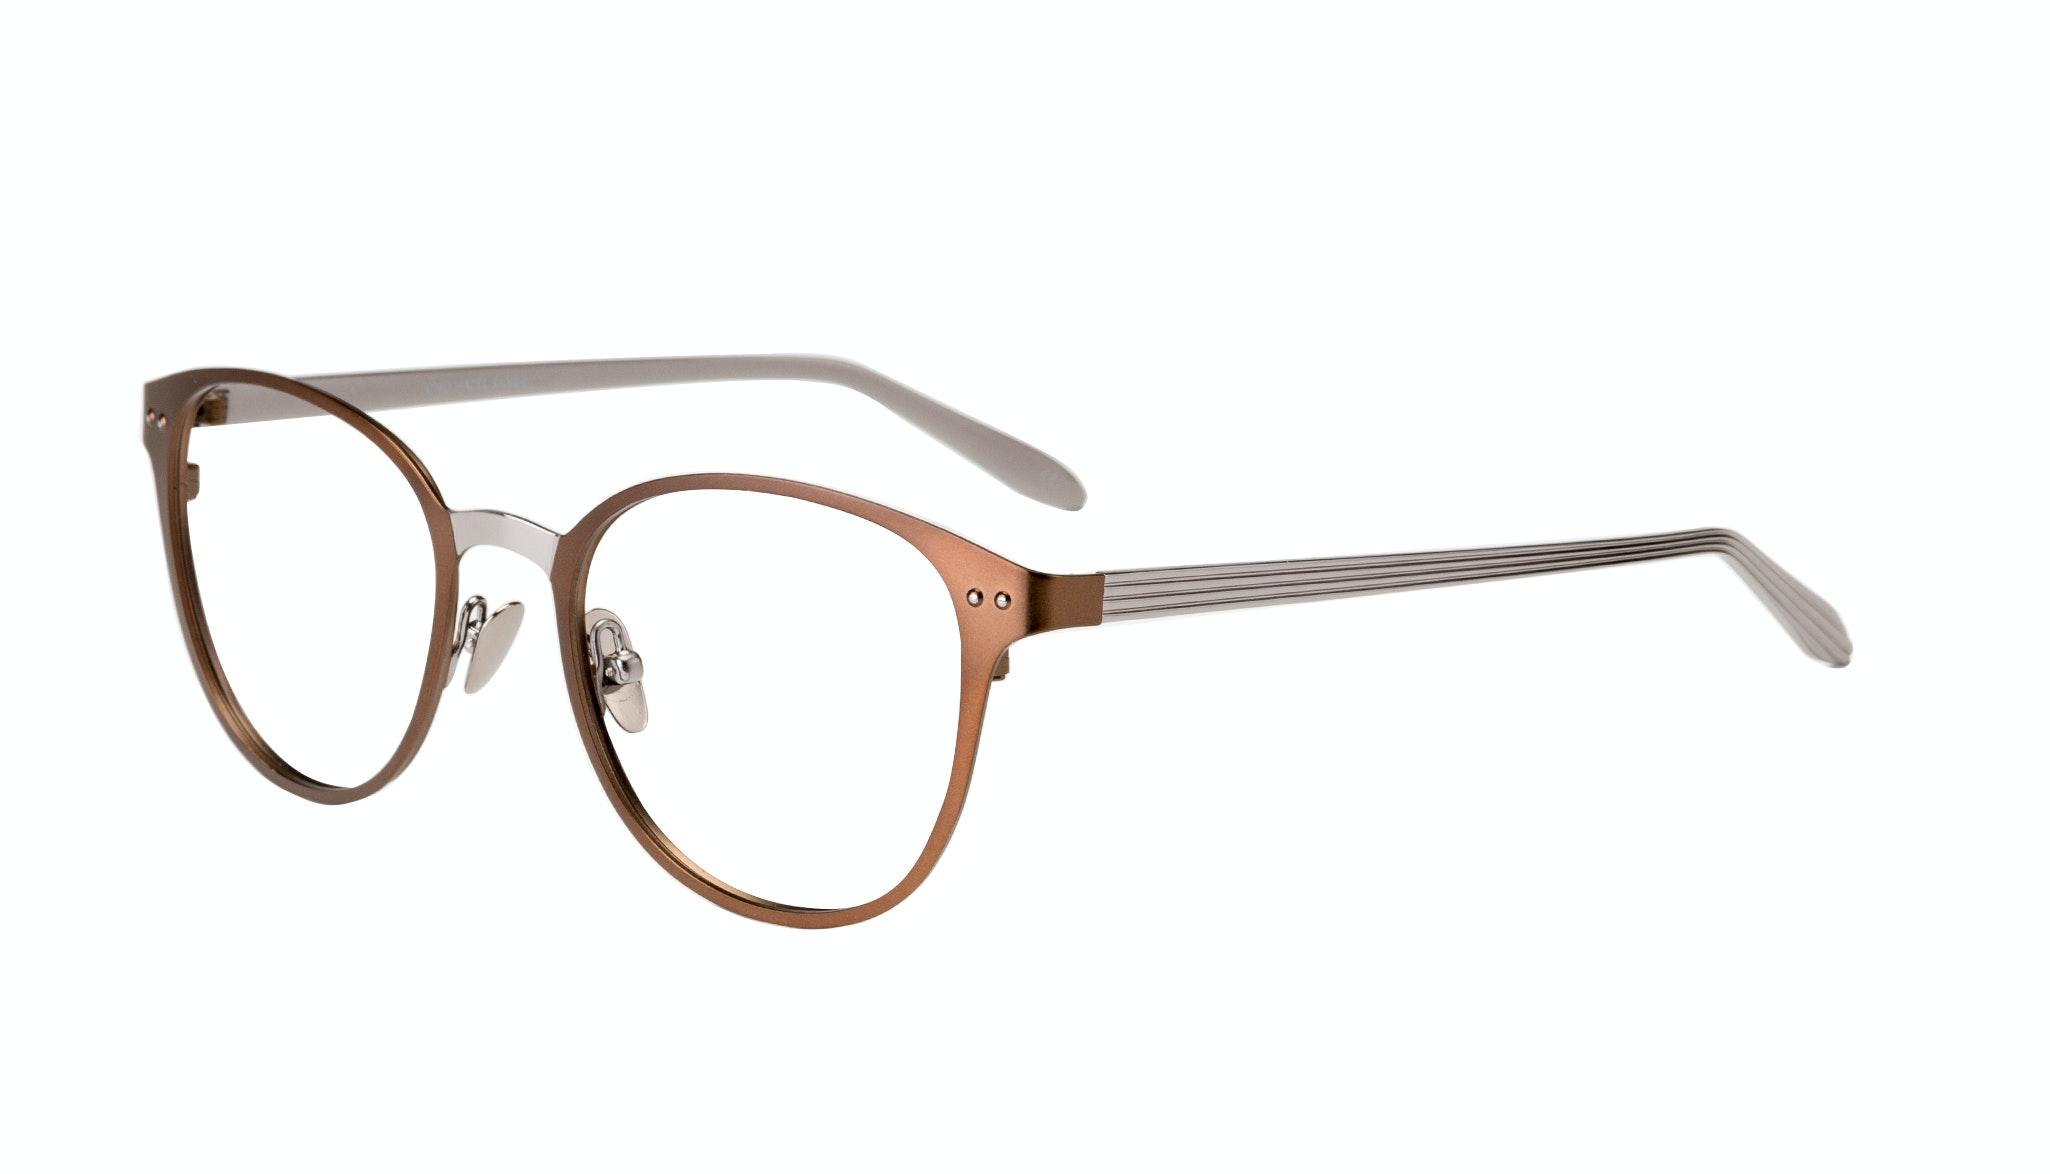 Affordable Fashion Glasses Rectangle Eyeglasses Women Kind Hazel Silver Tilt